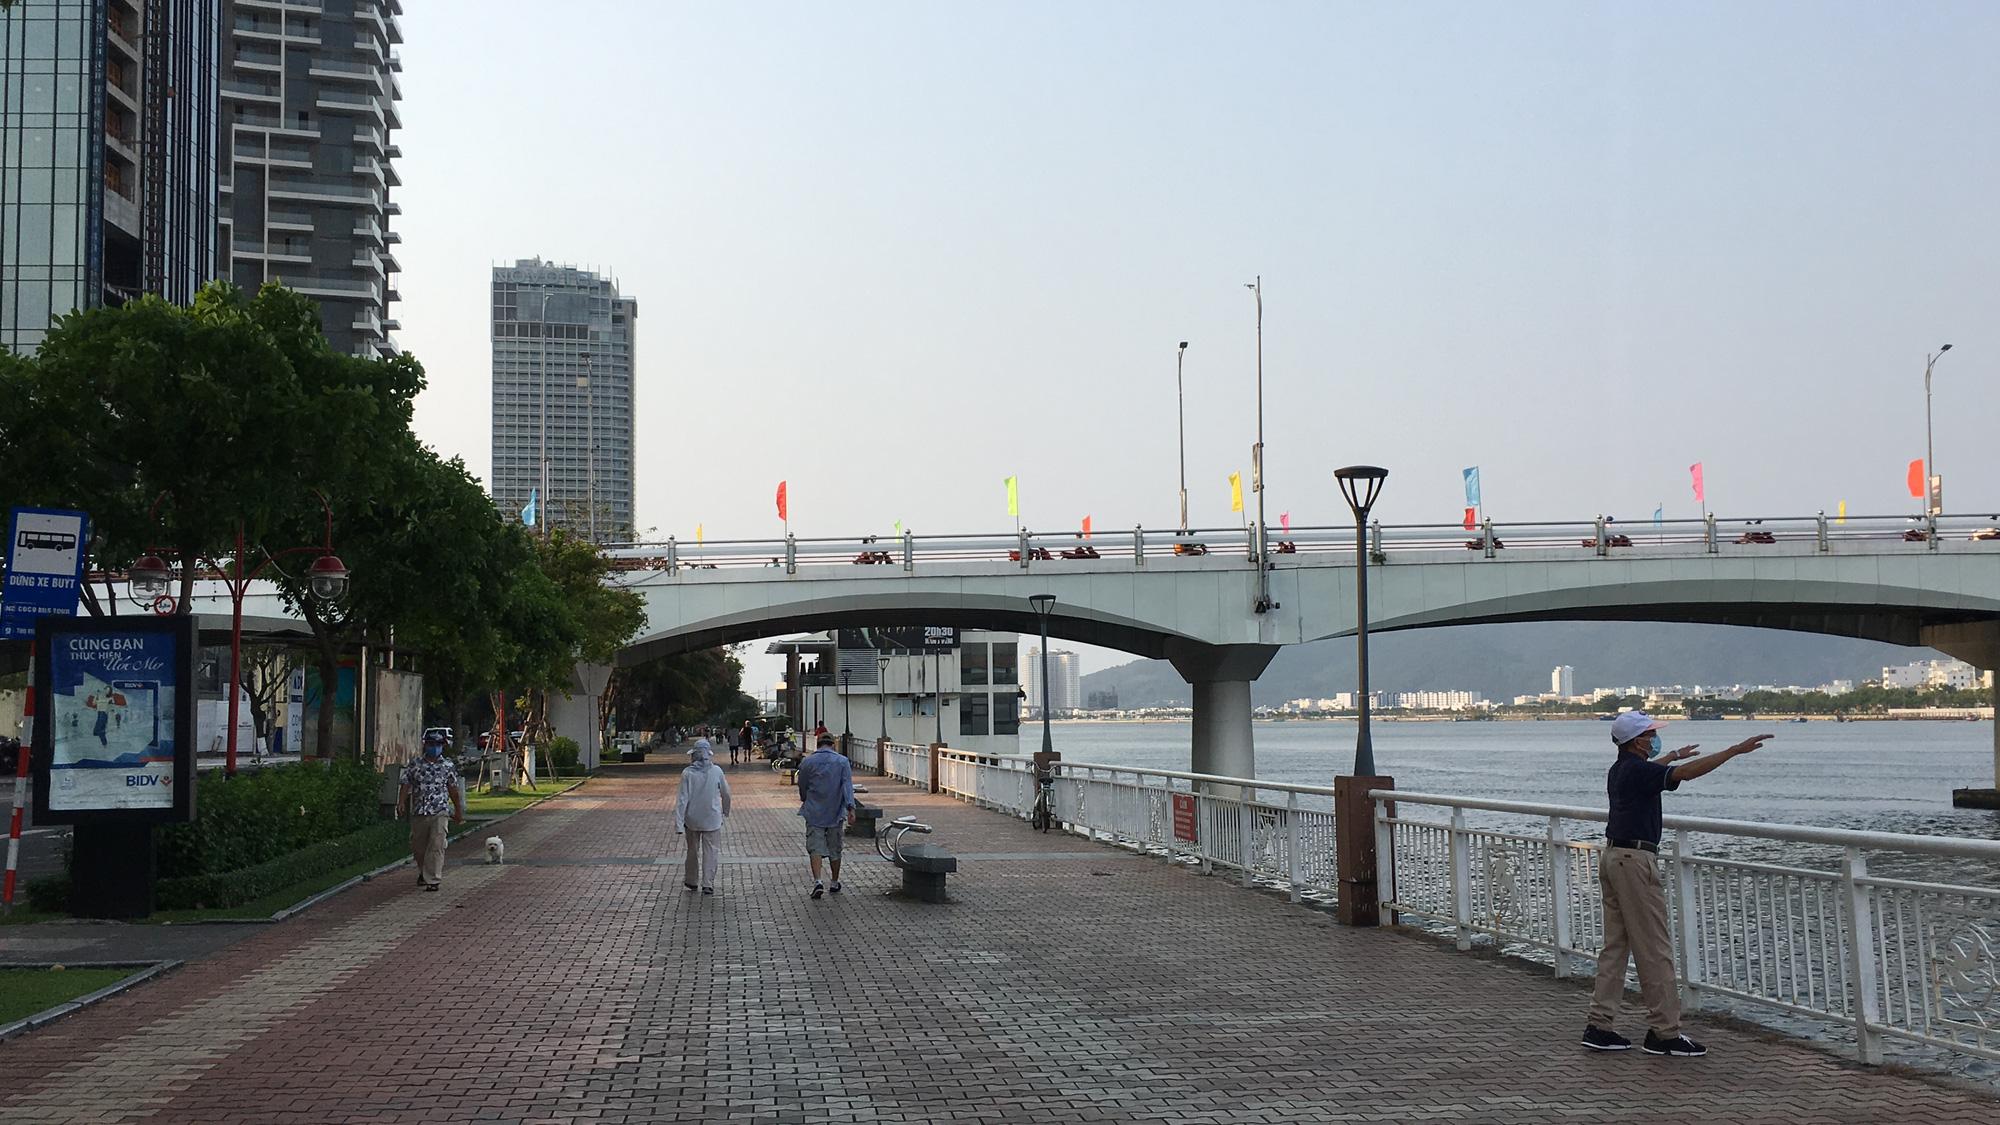 Khách sạn, công trình xây dựng ven biển, các hãng thời trang lớn ở Đà Nẵng đóng cửa hàng loạt trước ngày 'cách li toàn xã hội' - Ảnh 15.